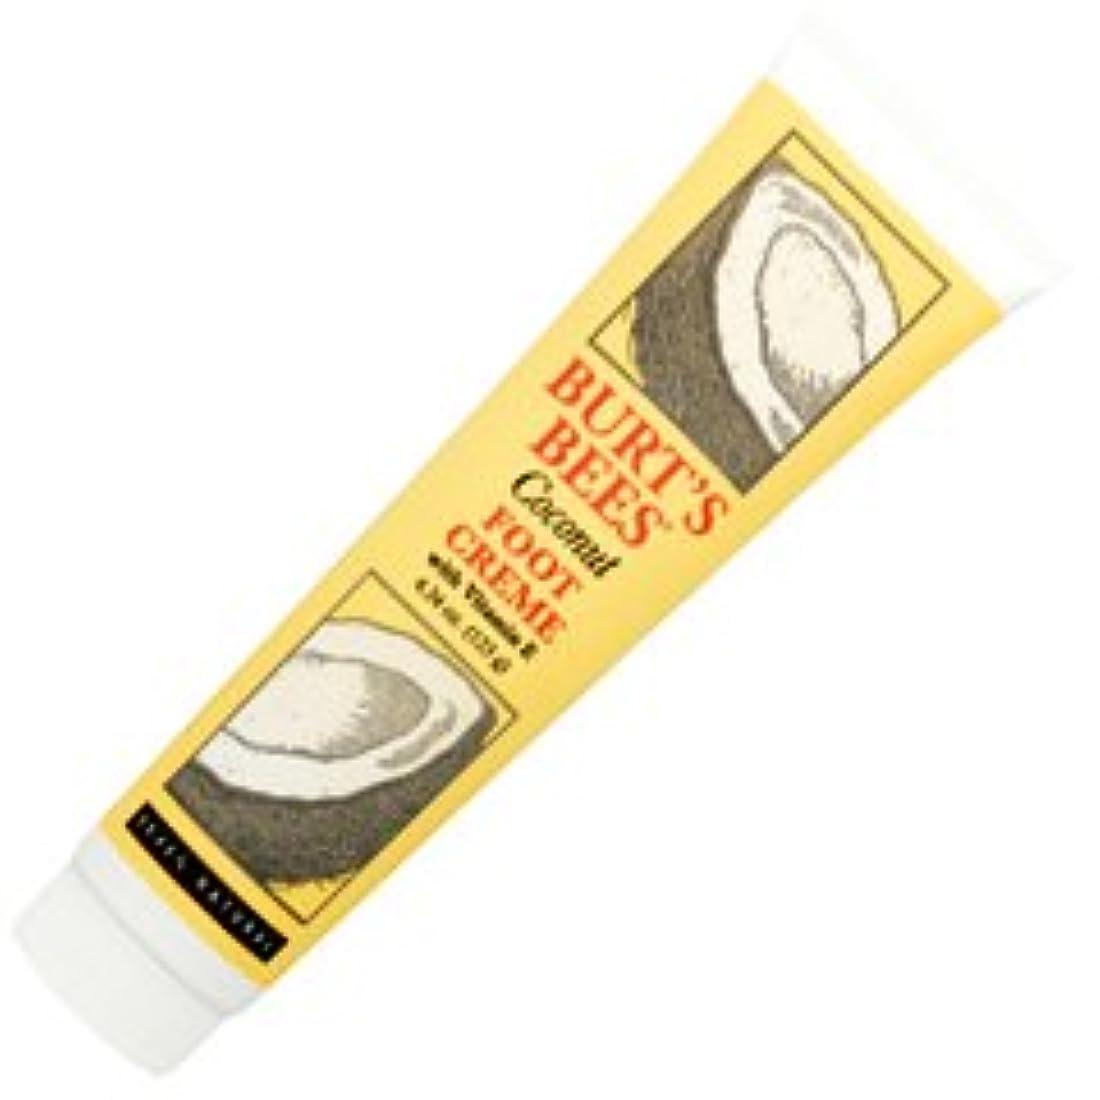 部族ドレス丘バーツビーズ(Burt's Bees) ココナッツ フットクリーム 123ml [海外直送品][並行輸入品]